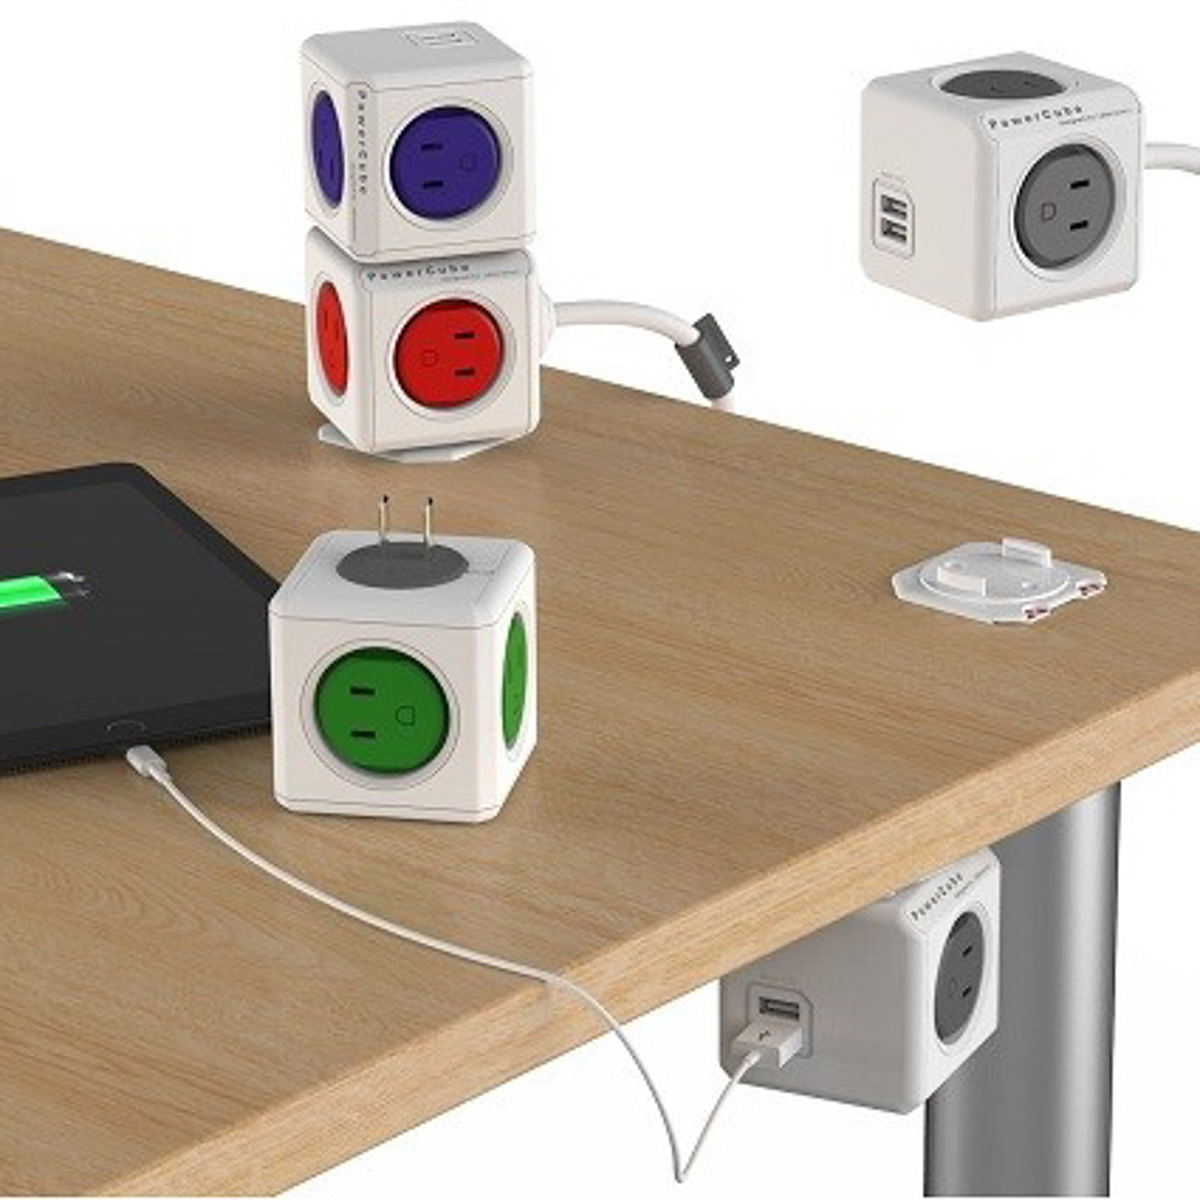 家庭内の電源を「設計」してみる おしゃれで自由な延長電気コード